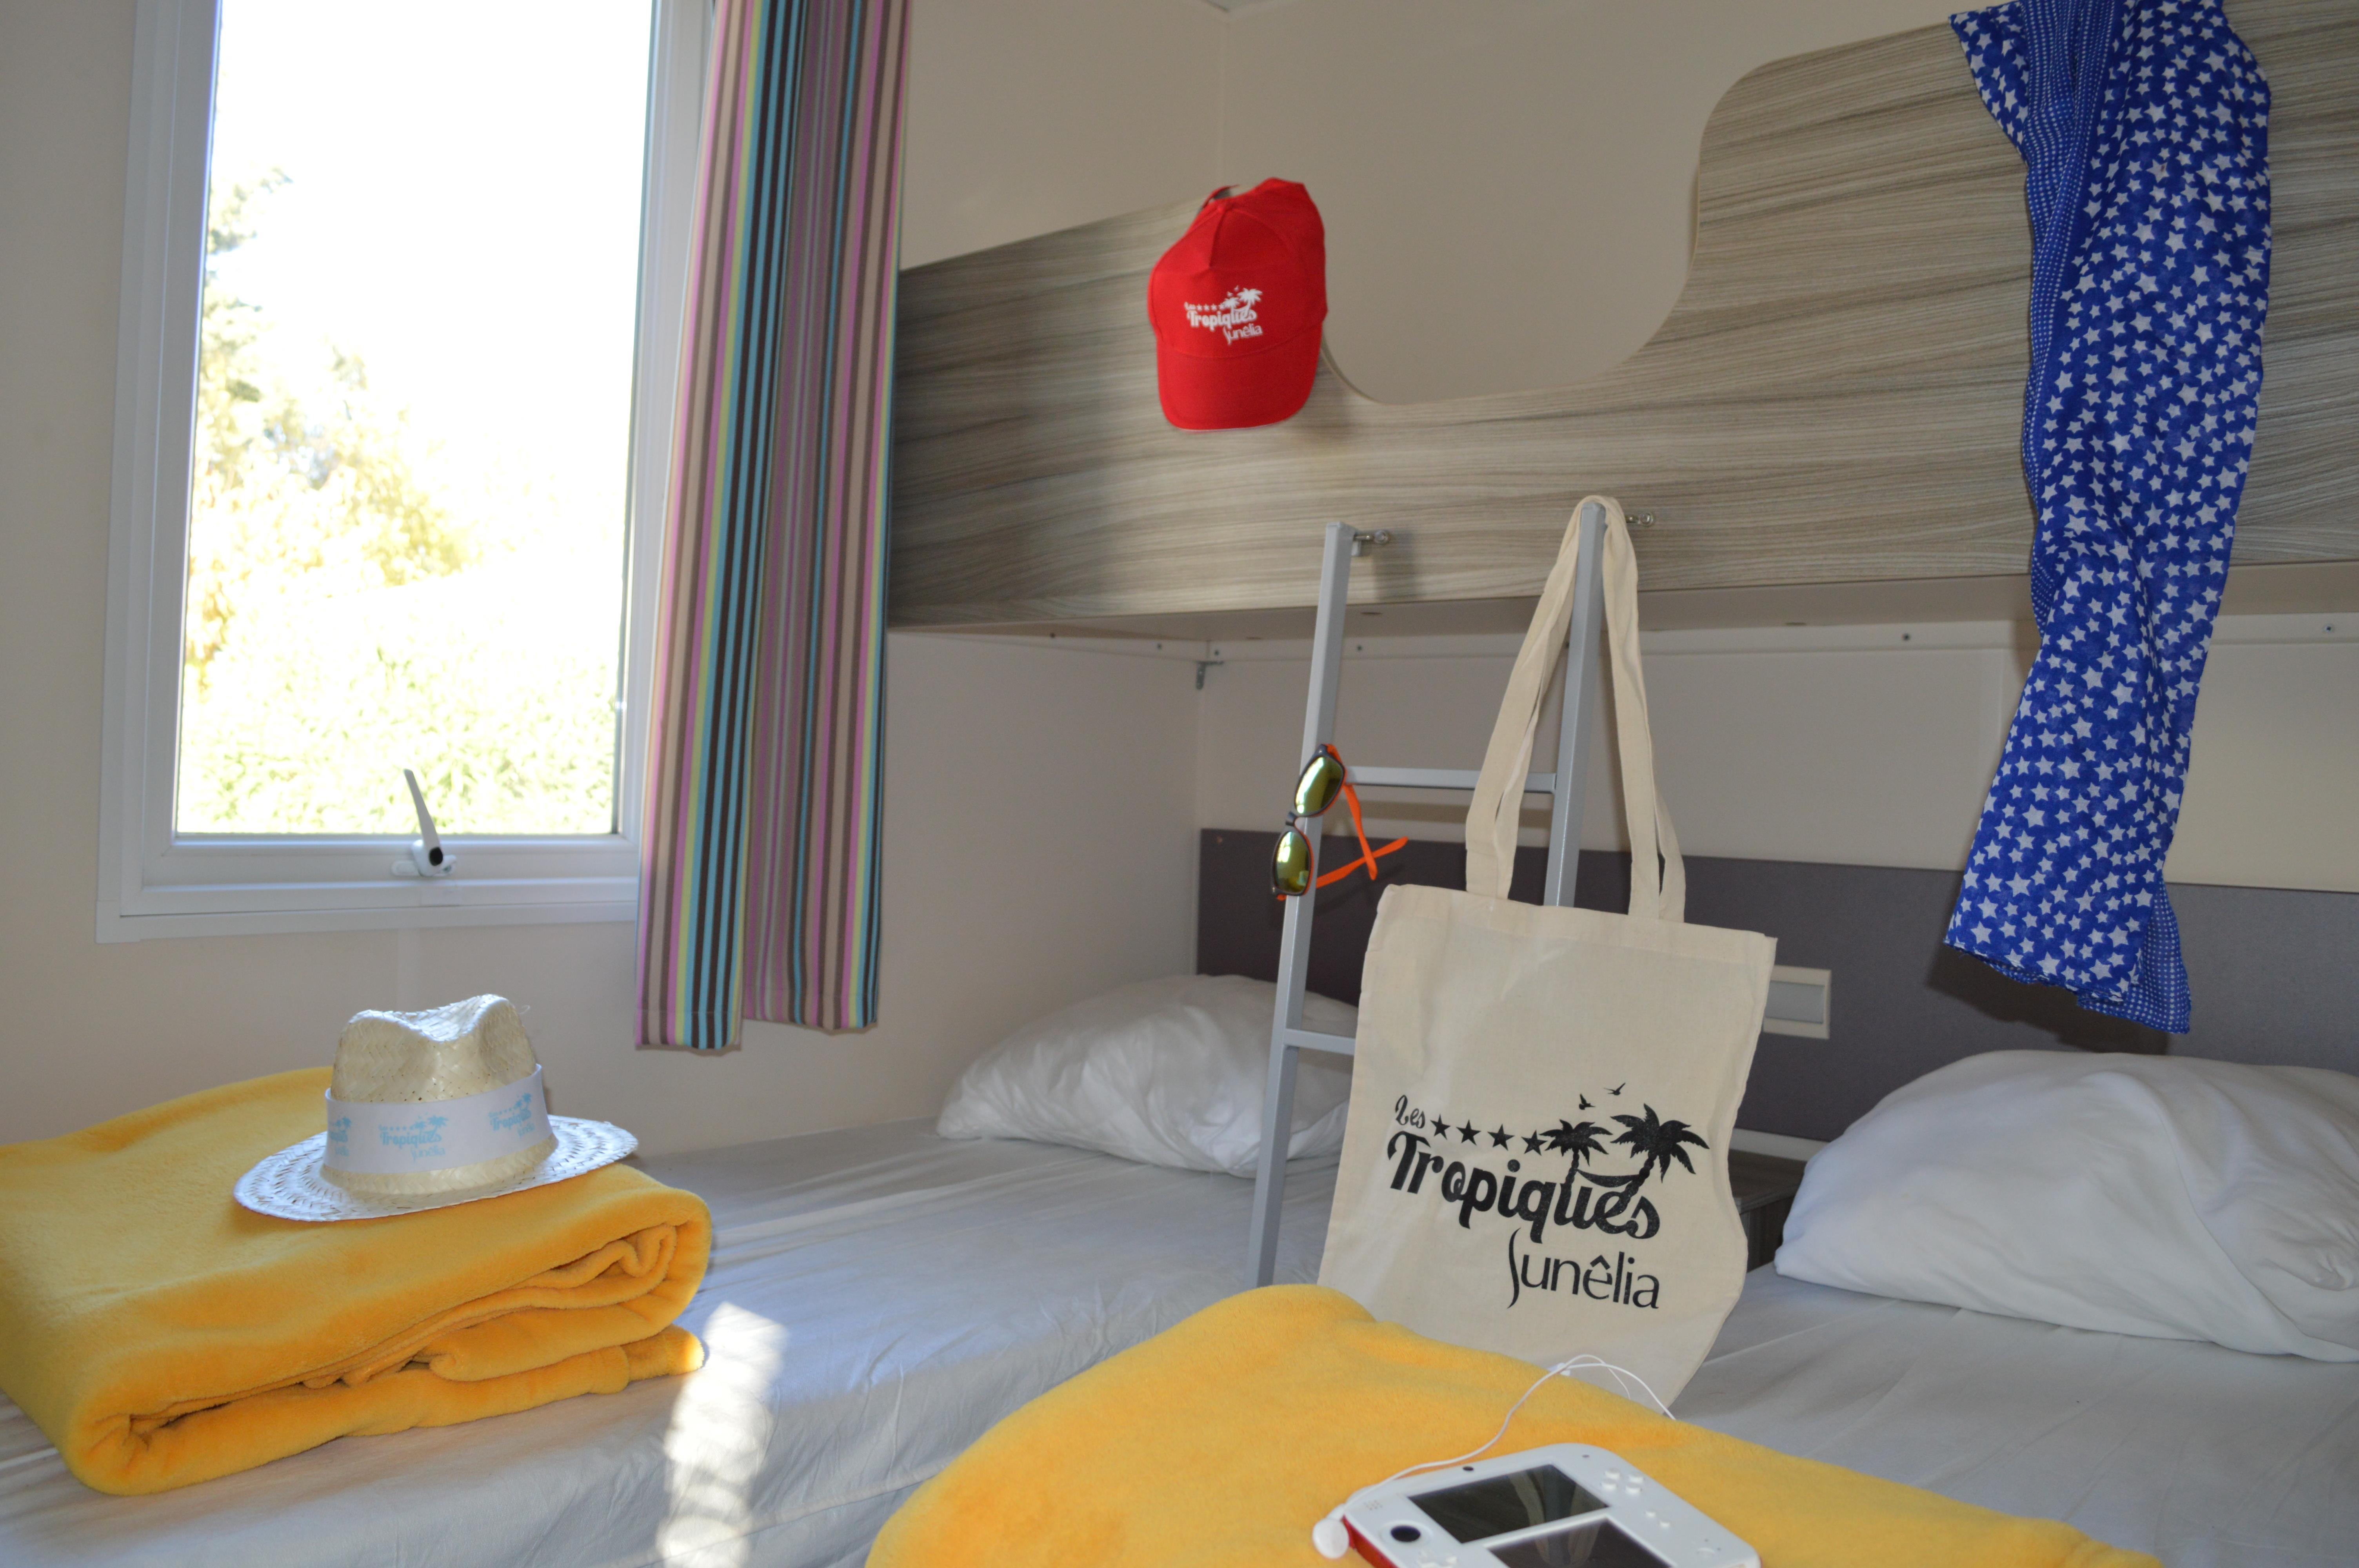 Location - Cottage Papaye *** 2 Chambres + 1 Salle De Bain / 26M² - Yelloh! Village Les Tropiques